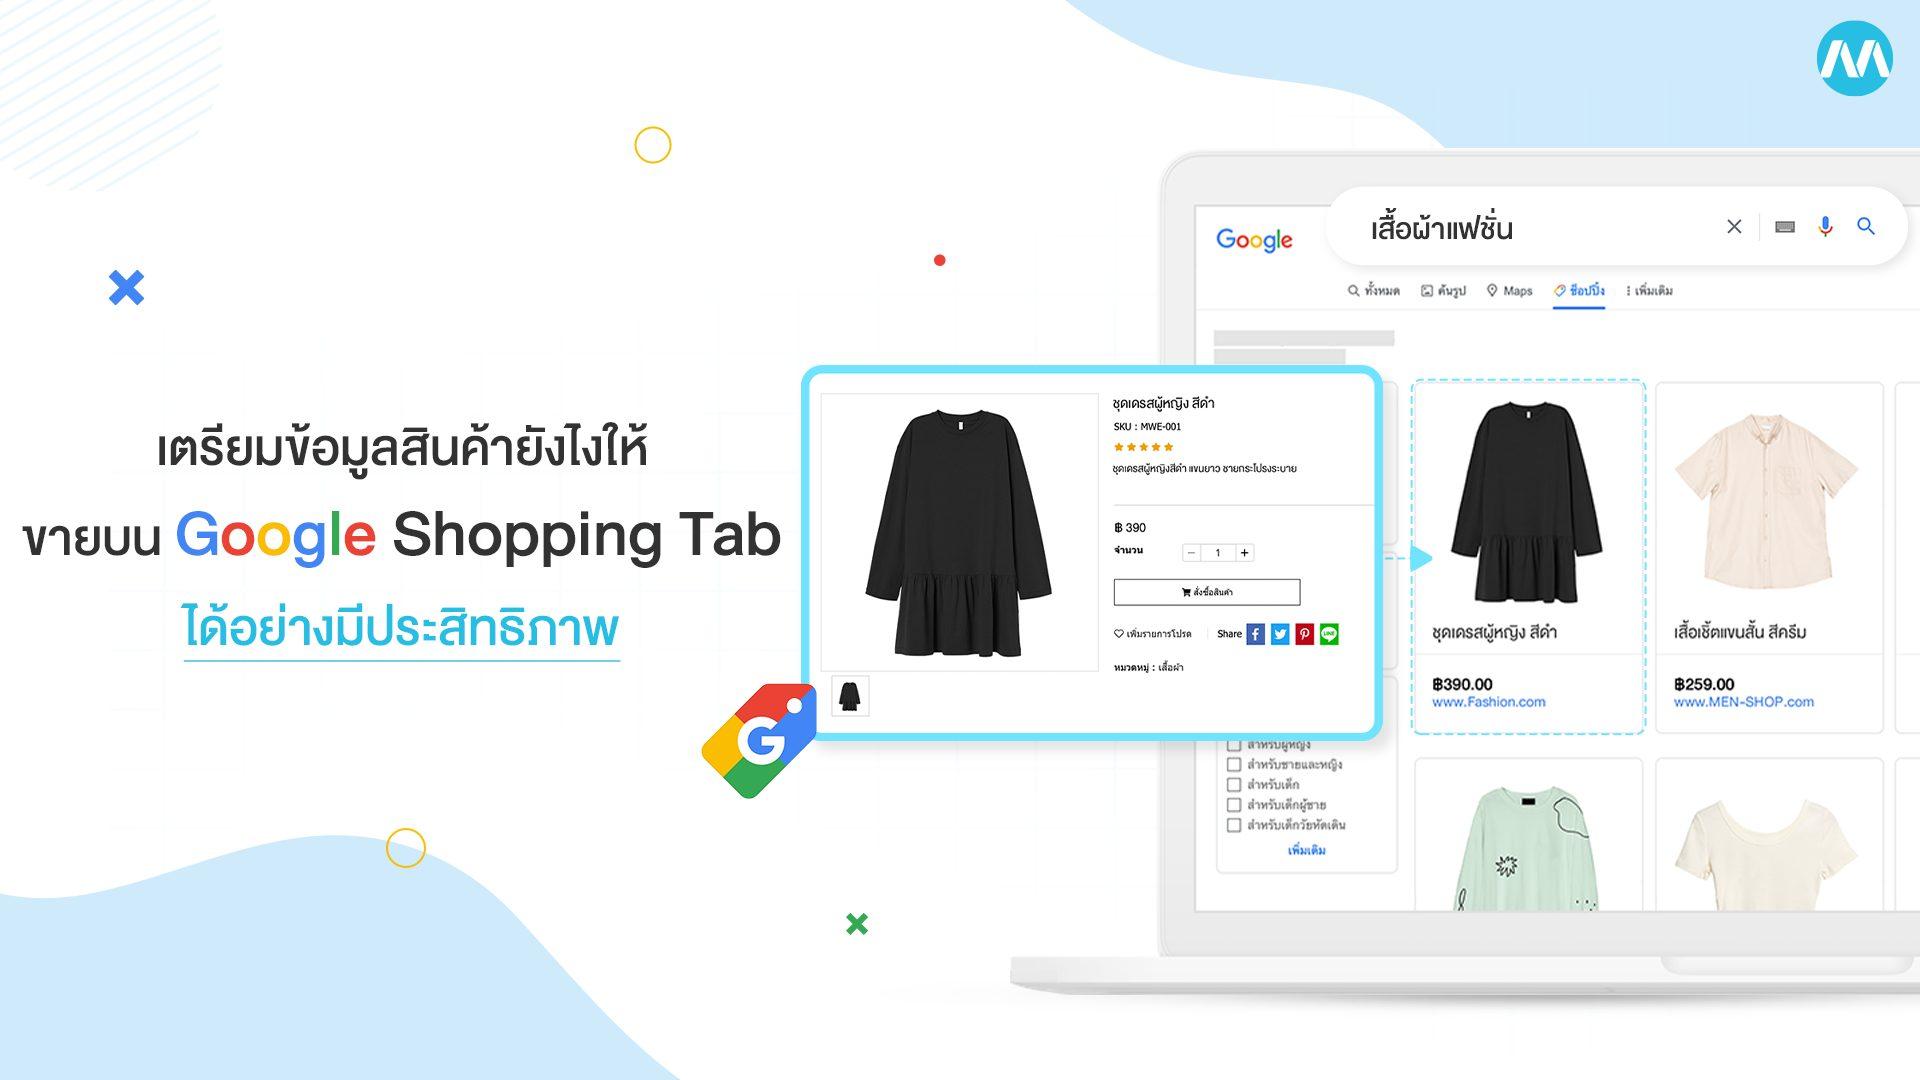 เตรียมข้อมูลสินค้ายังไงให้ ขายบน Google Shopping Tab ได้อย่างมีประสิทธิภาพ